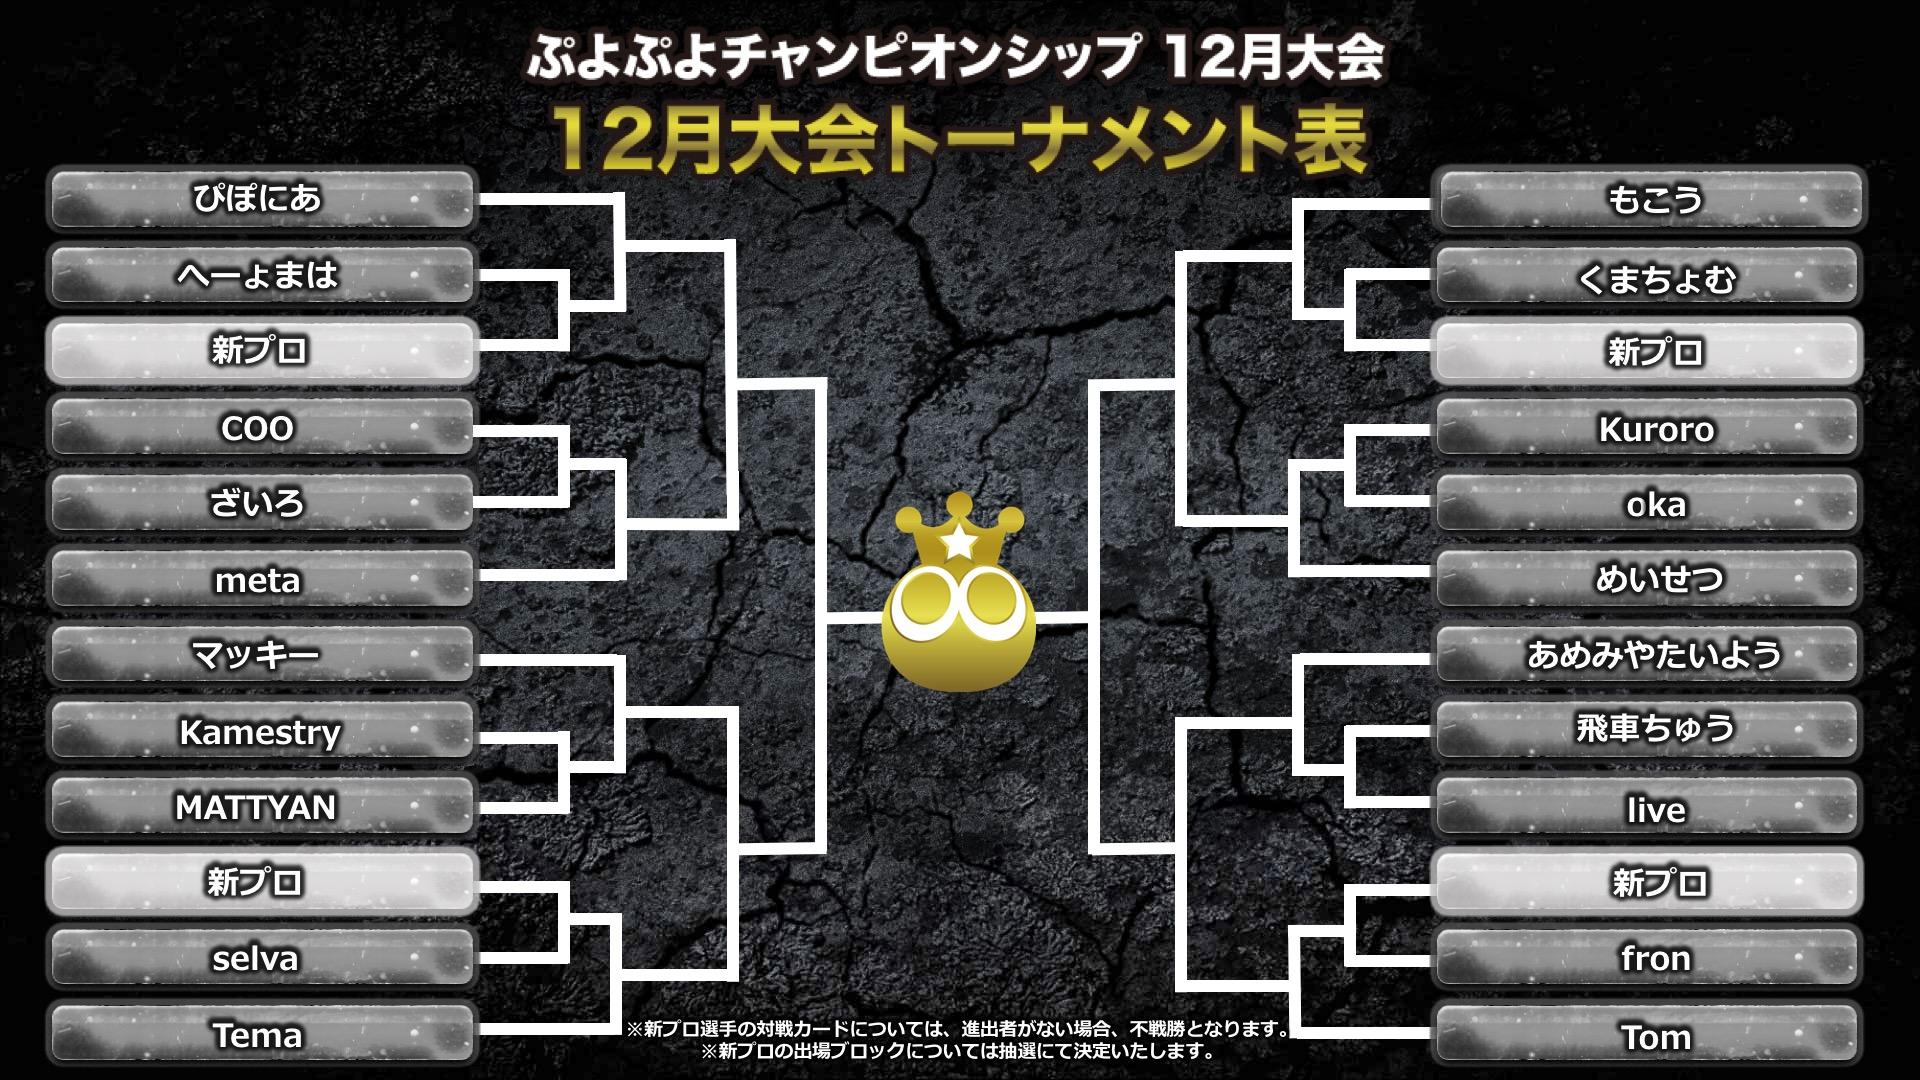 「ぷよぷよチャンピオンシップ」2018年度12月大会トーナメント表